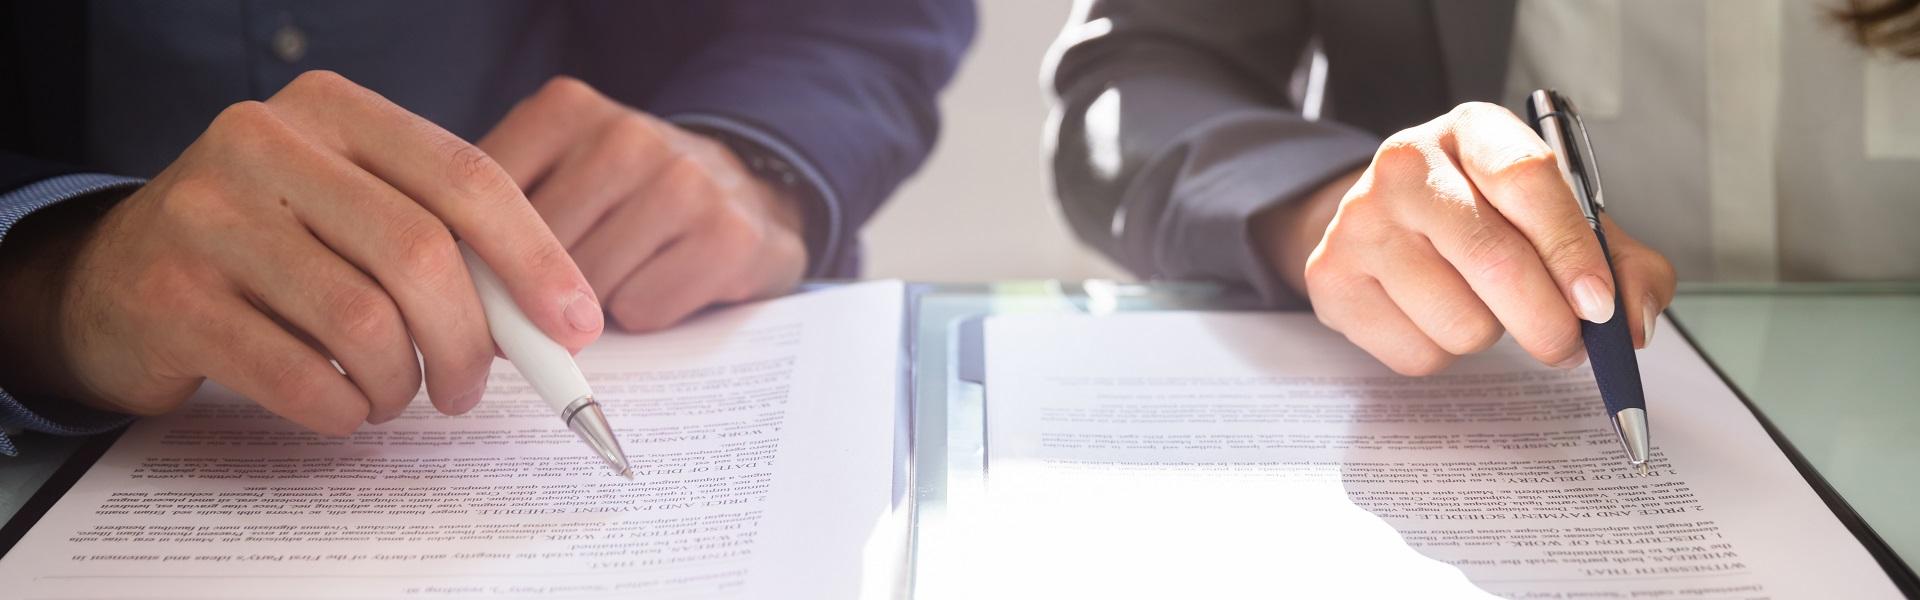 Les exemples de formulation à éviter dans votre Anschreiben